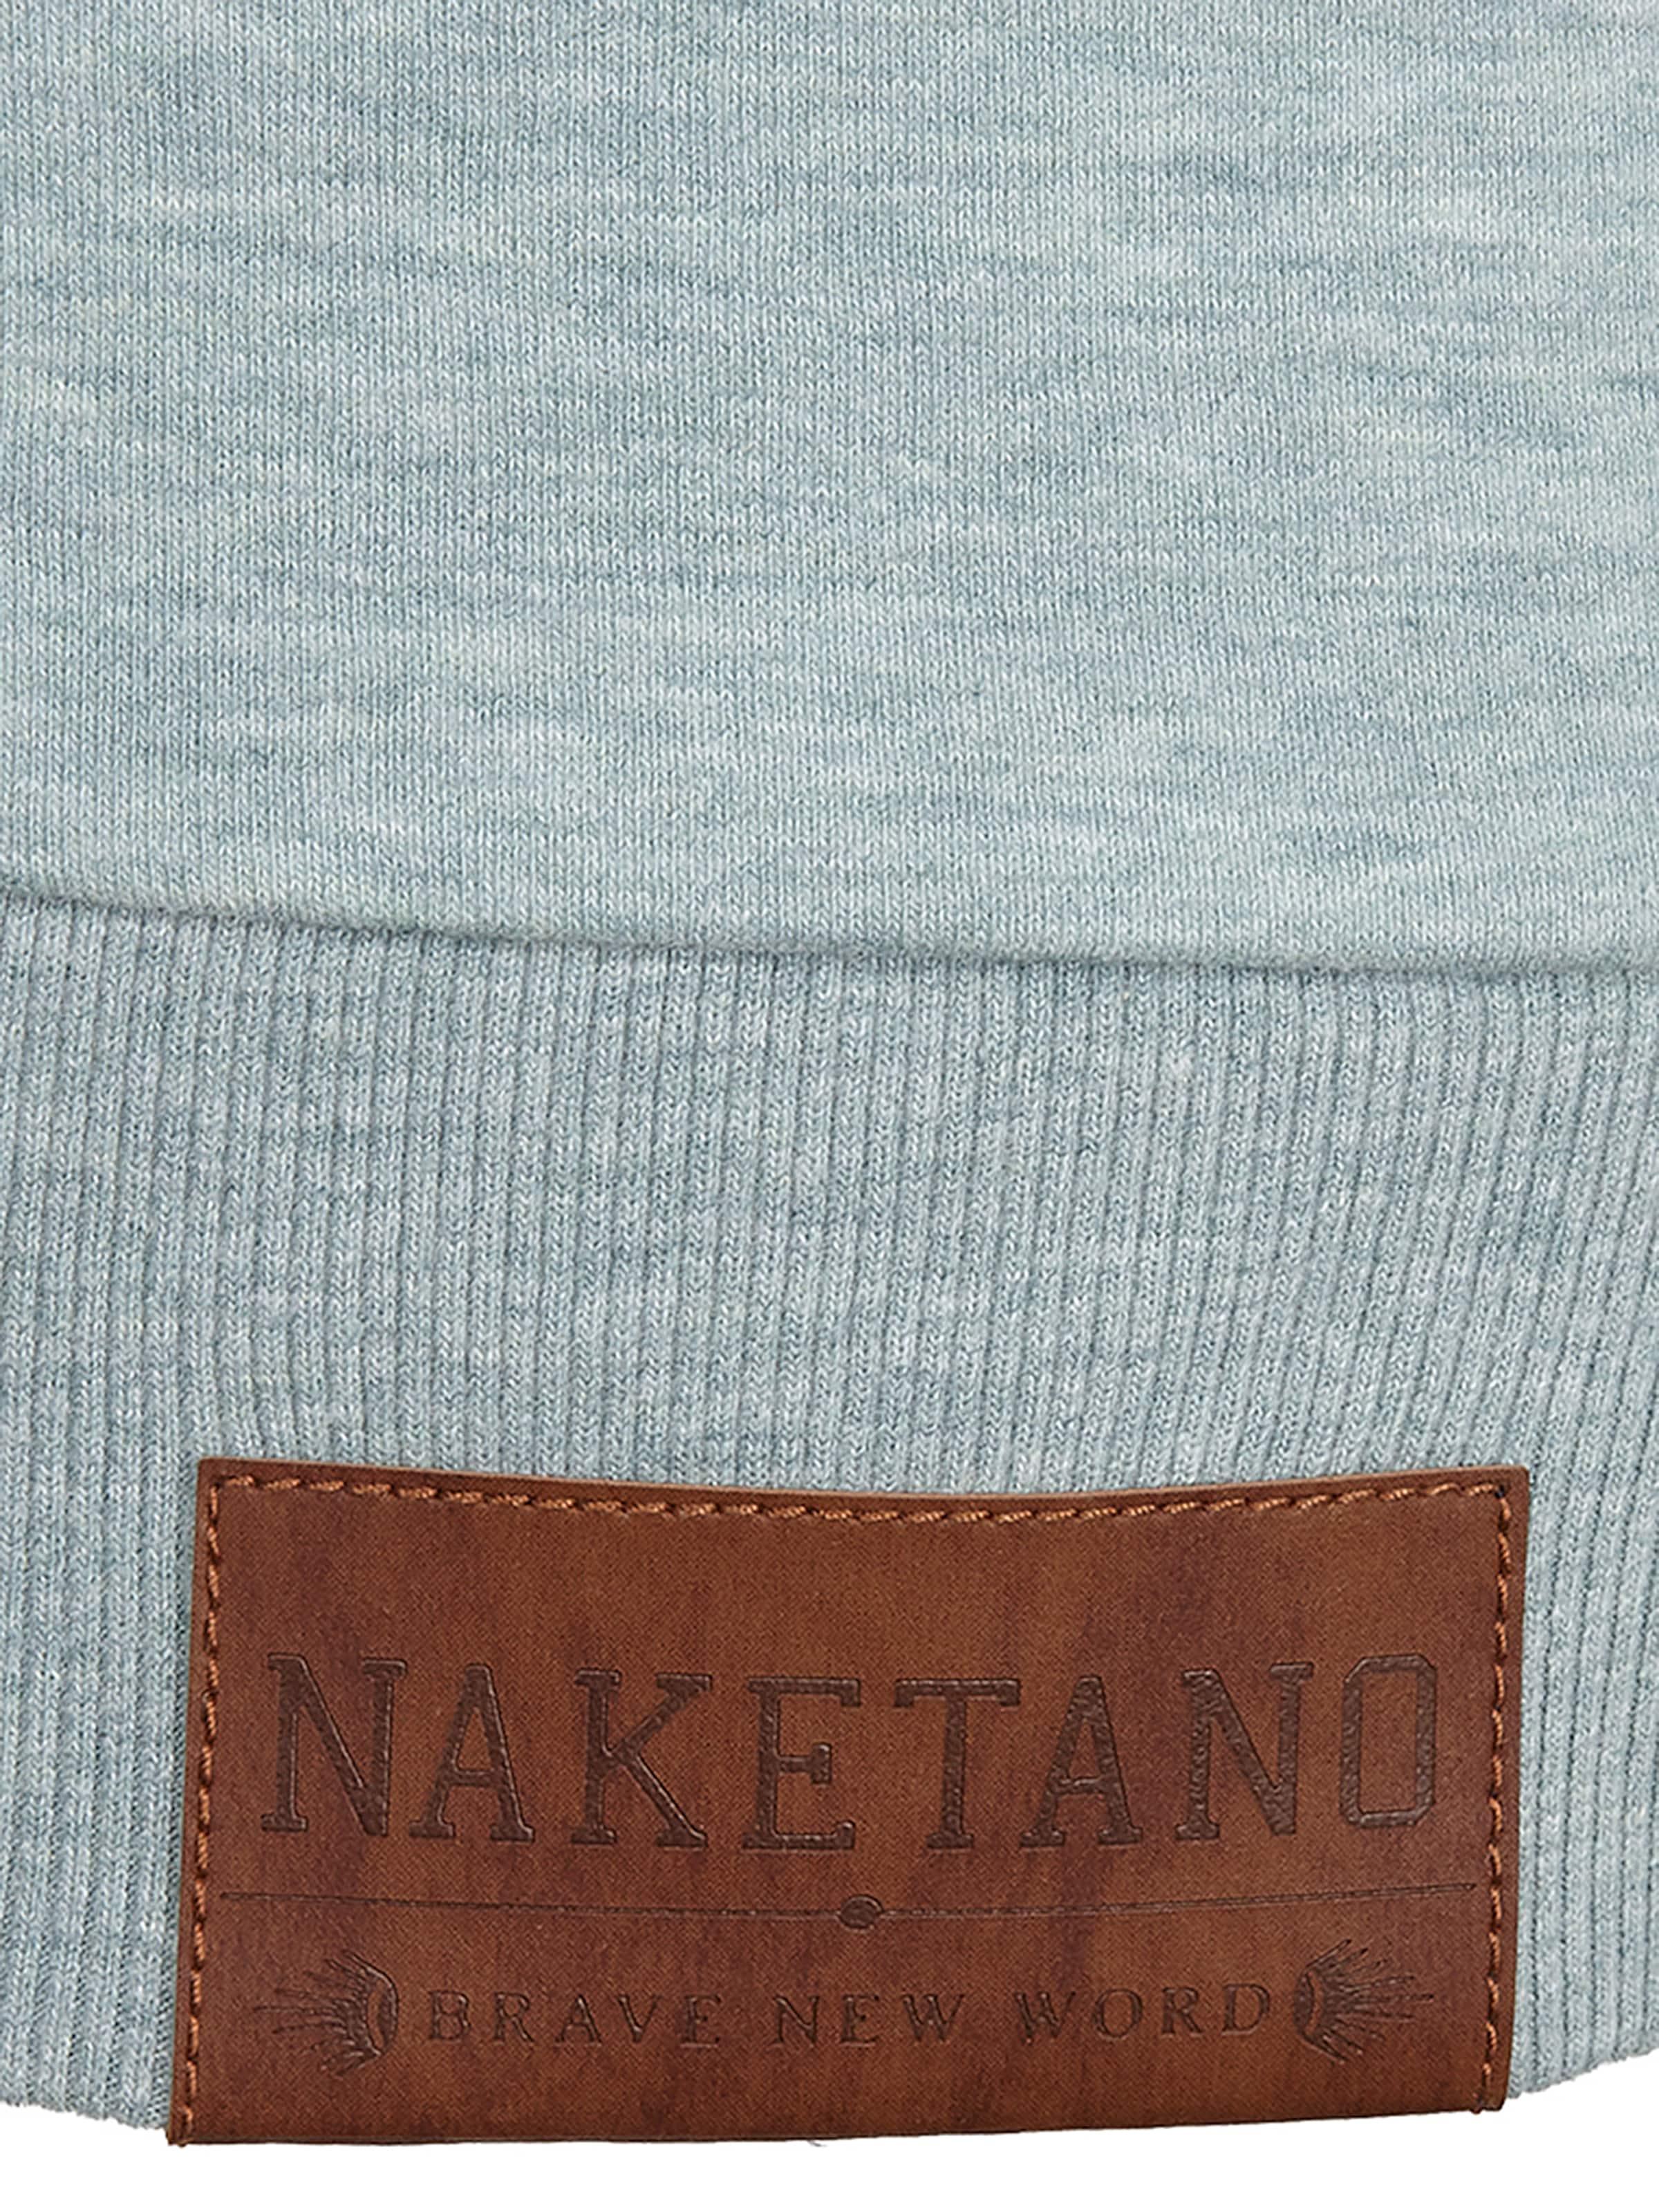 NaketanoSweat OpalVert In shirt 'schickobello' Clair yn0w8vNOPm